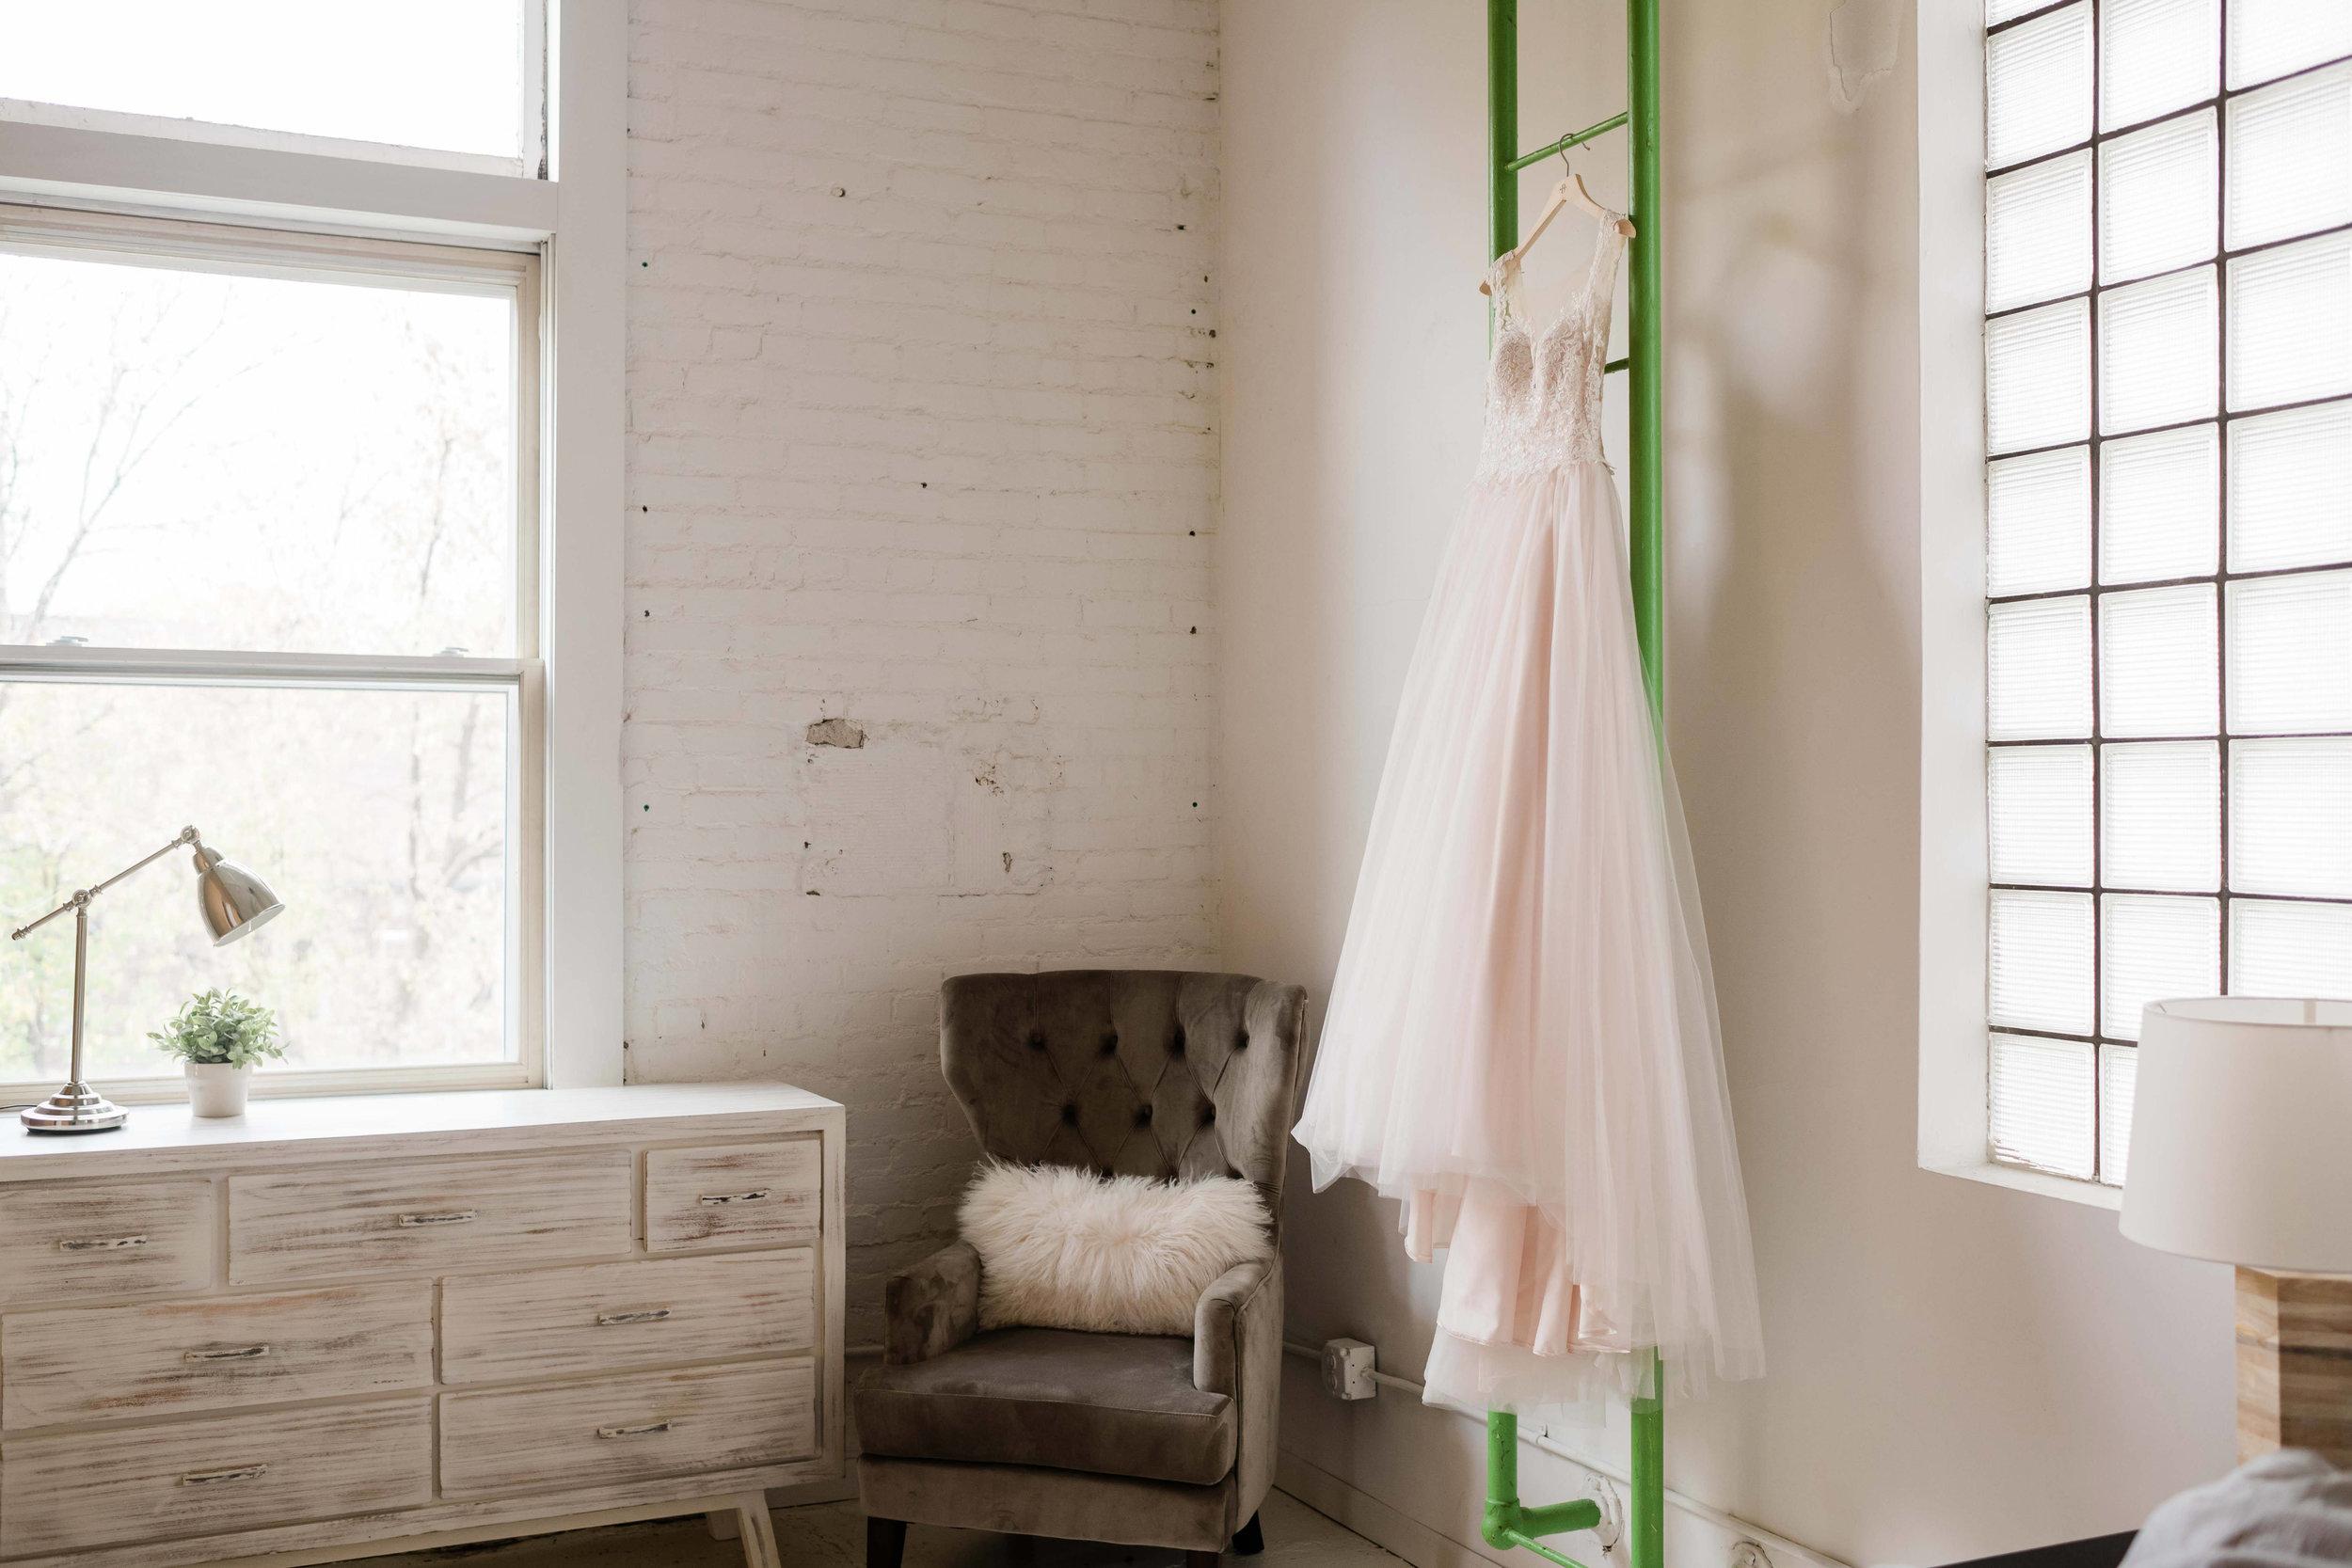 Blush pink wedding dress hanging on green ladder